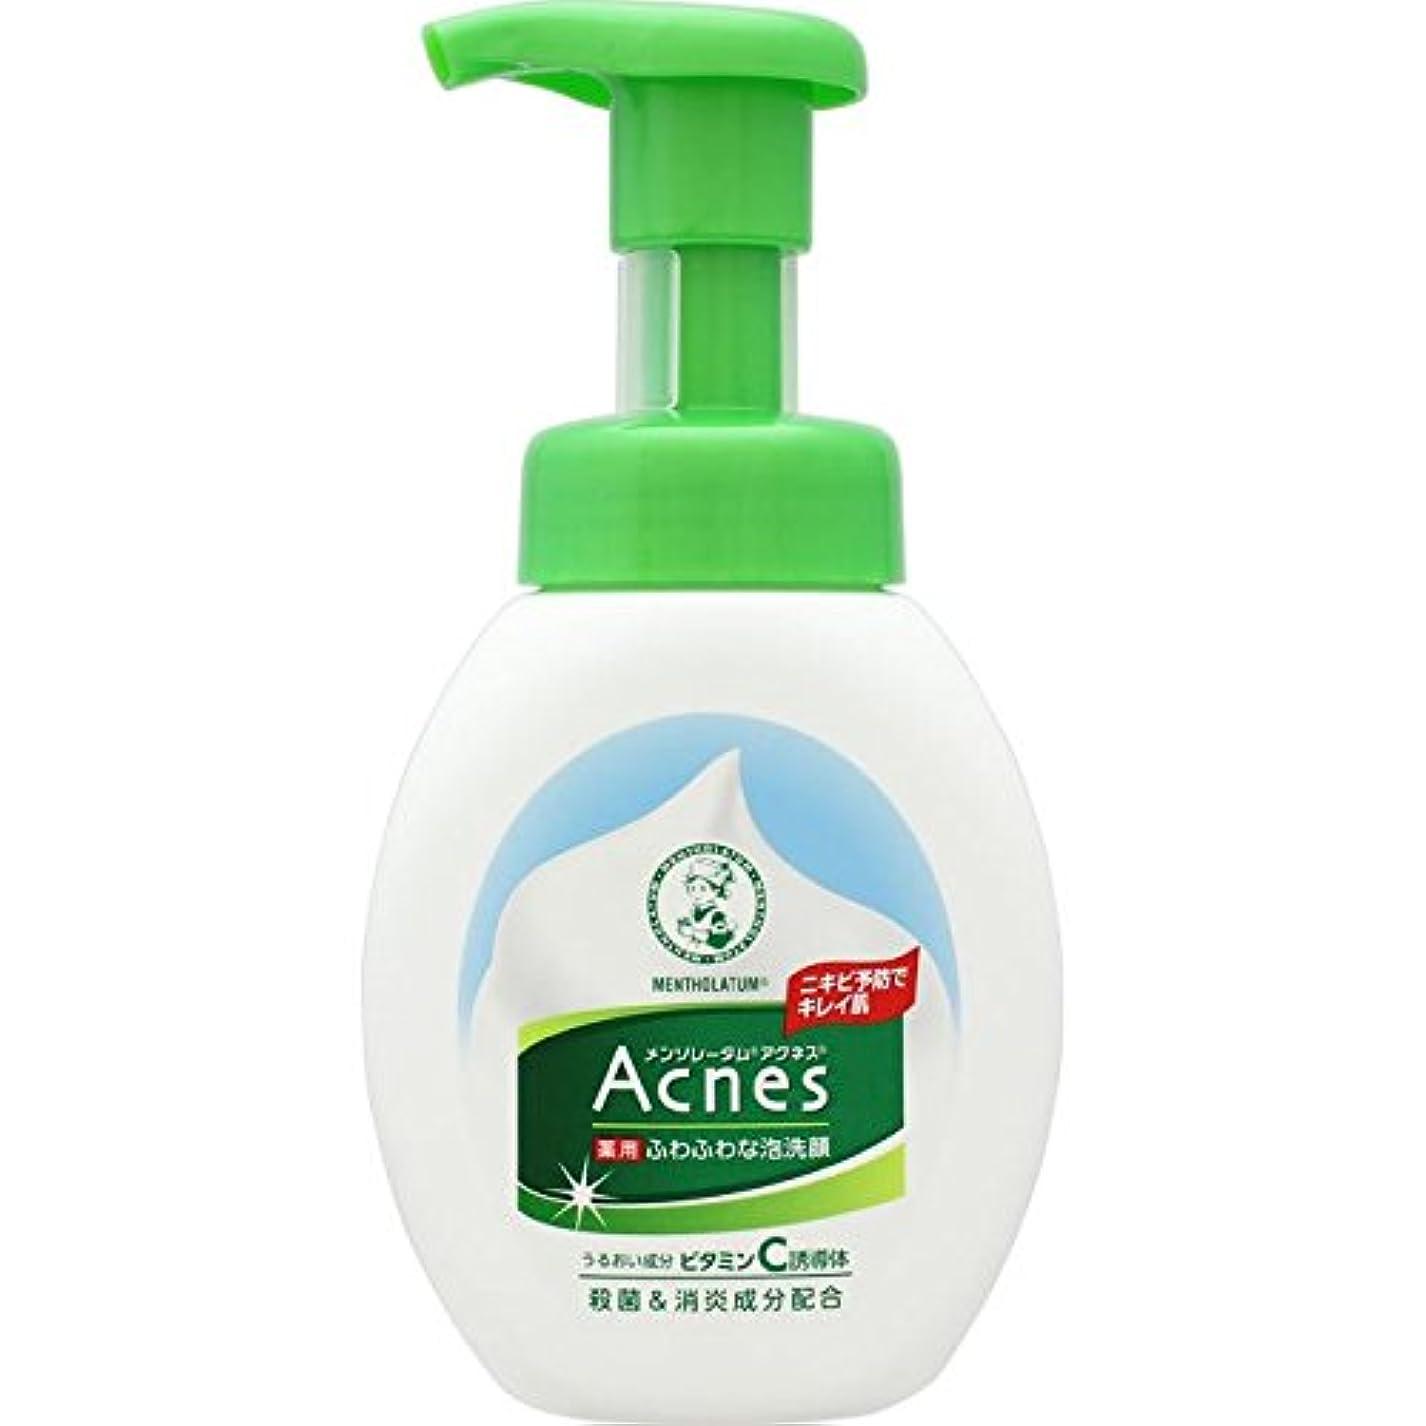 私達常習者迅速【医薬部外品】メンソレータム アクネス ニキビ予防薬用ふわふわ泡洗顔 160mL